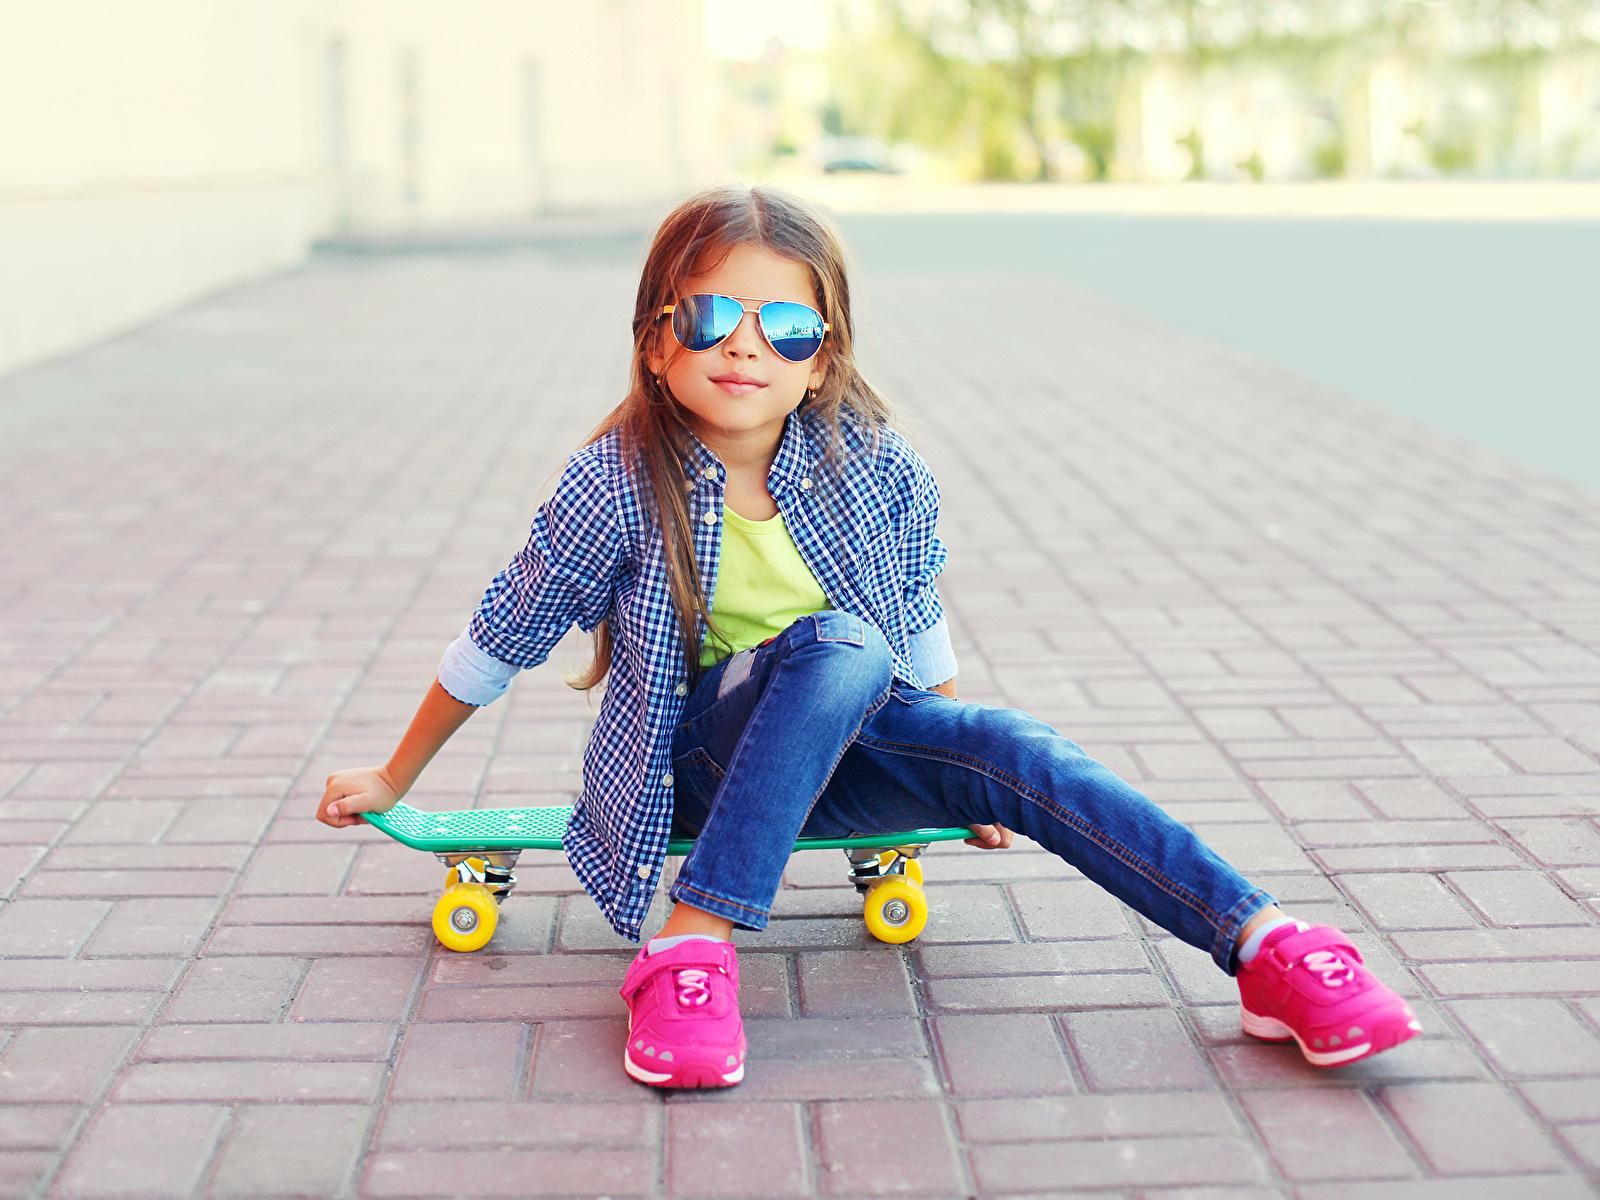 Fondos de Pantalla 1600x1200 Skateboard Niñas Sentado Gafas